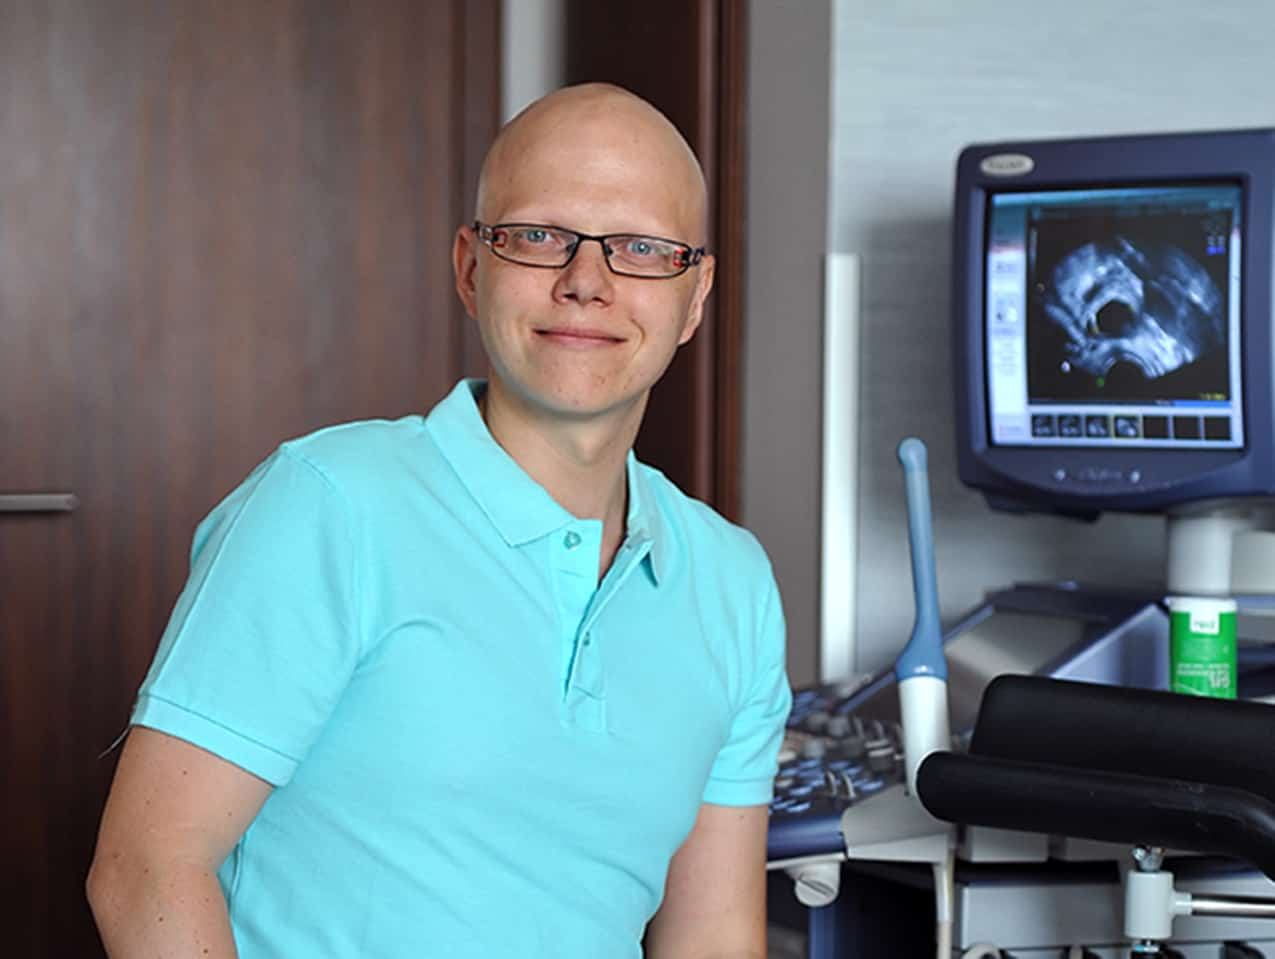 MUDr. Peter Hladky